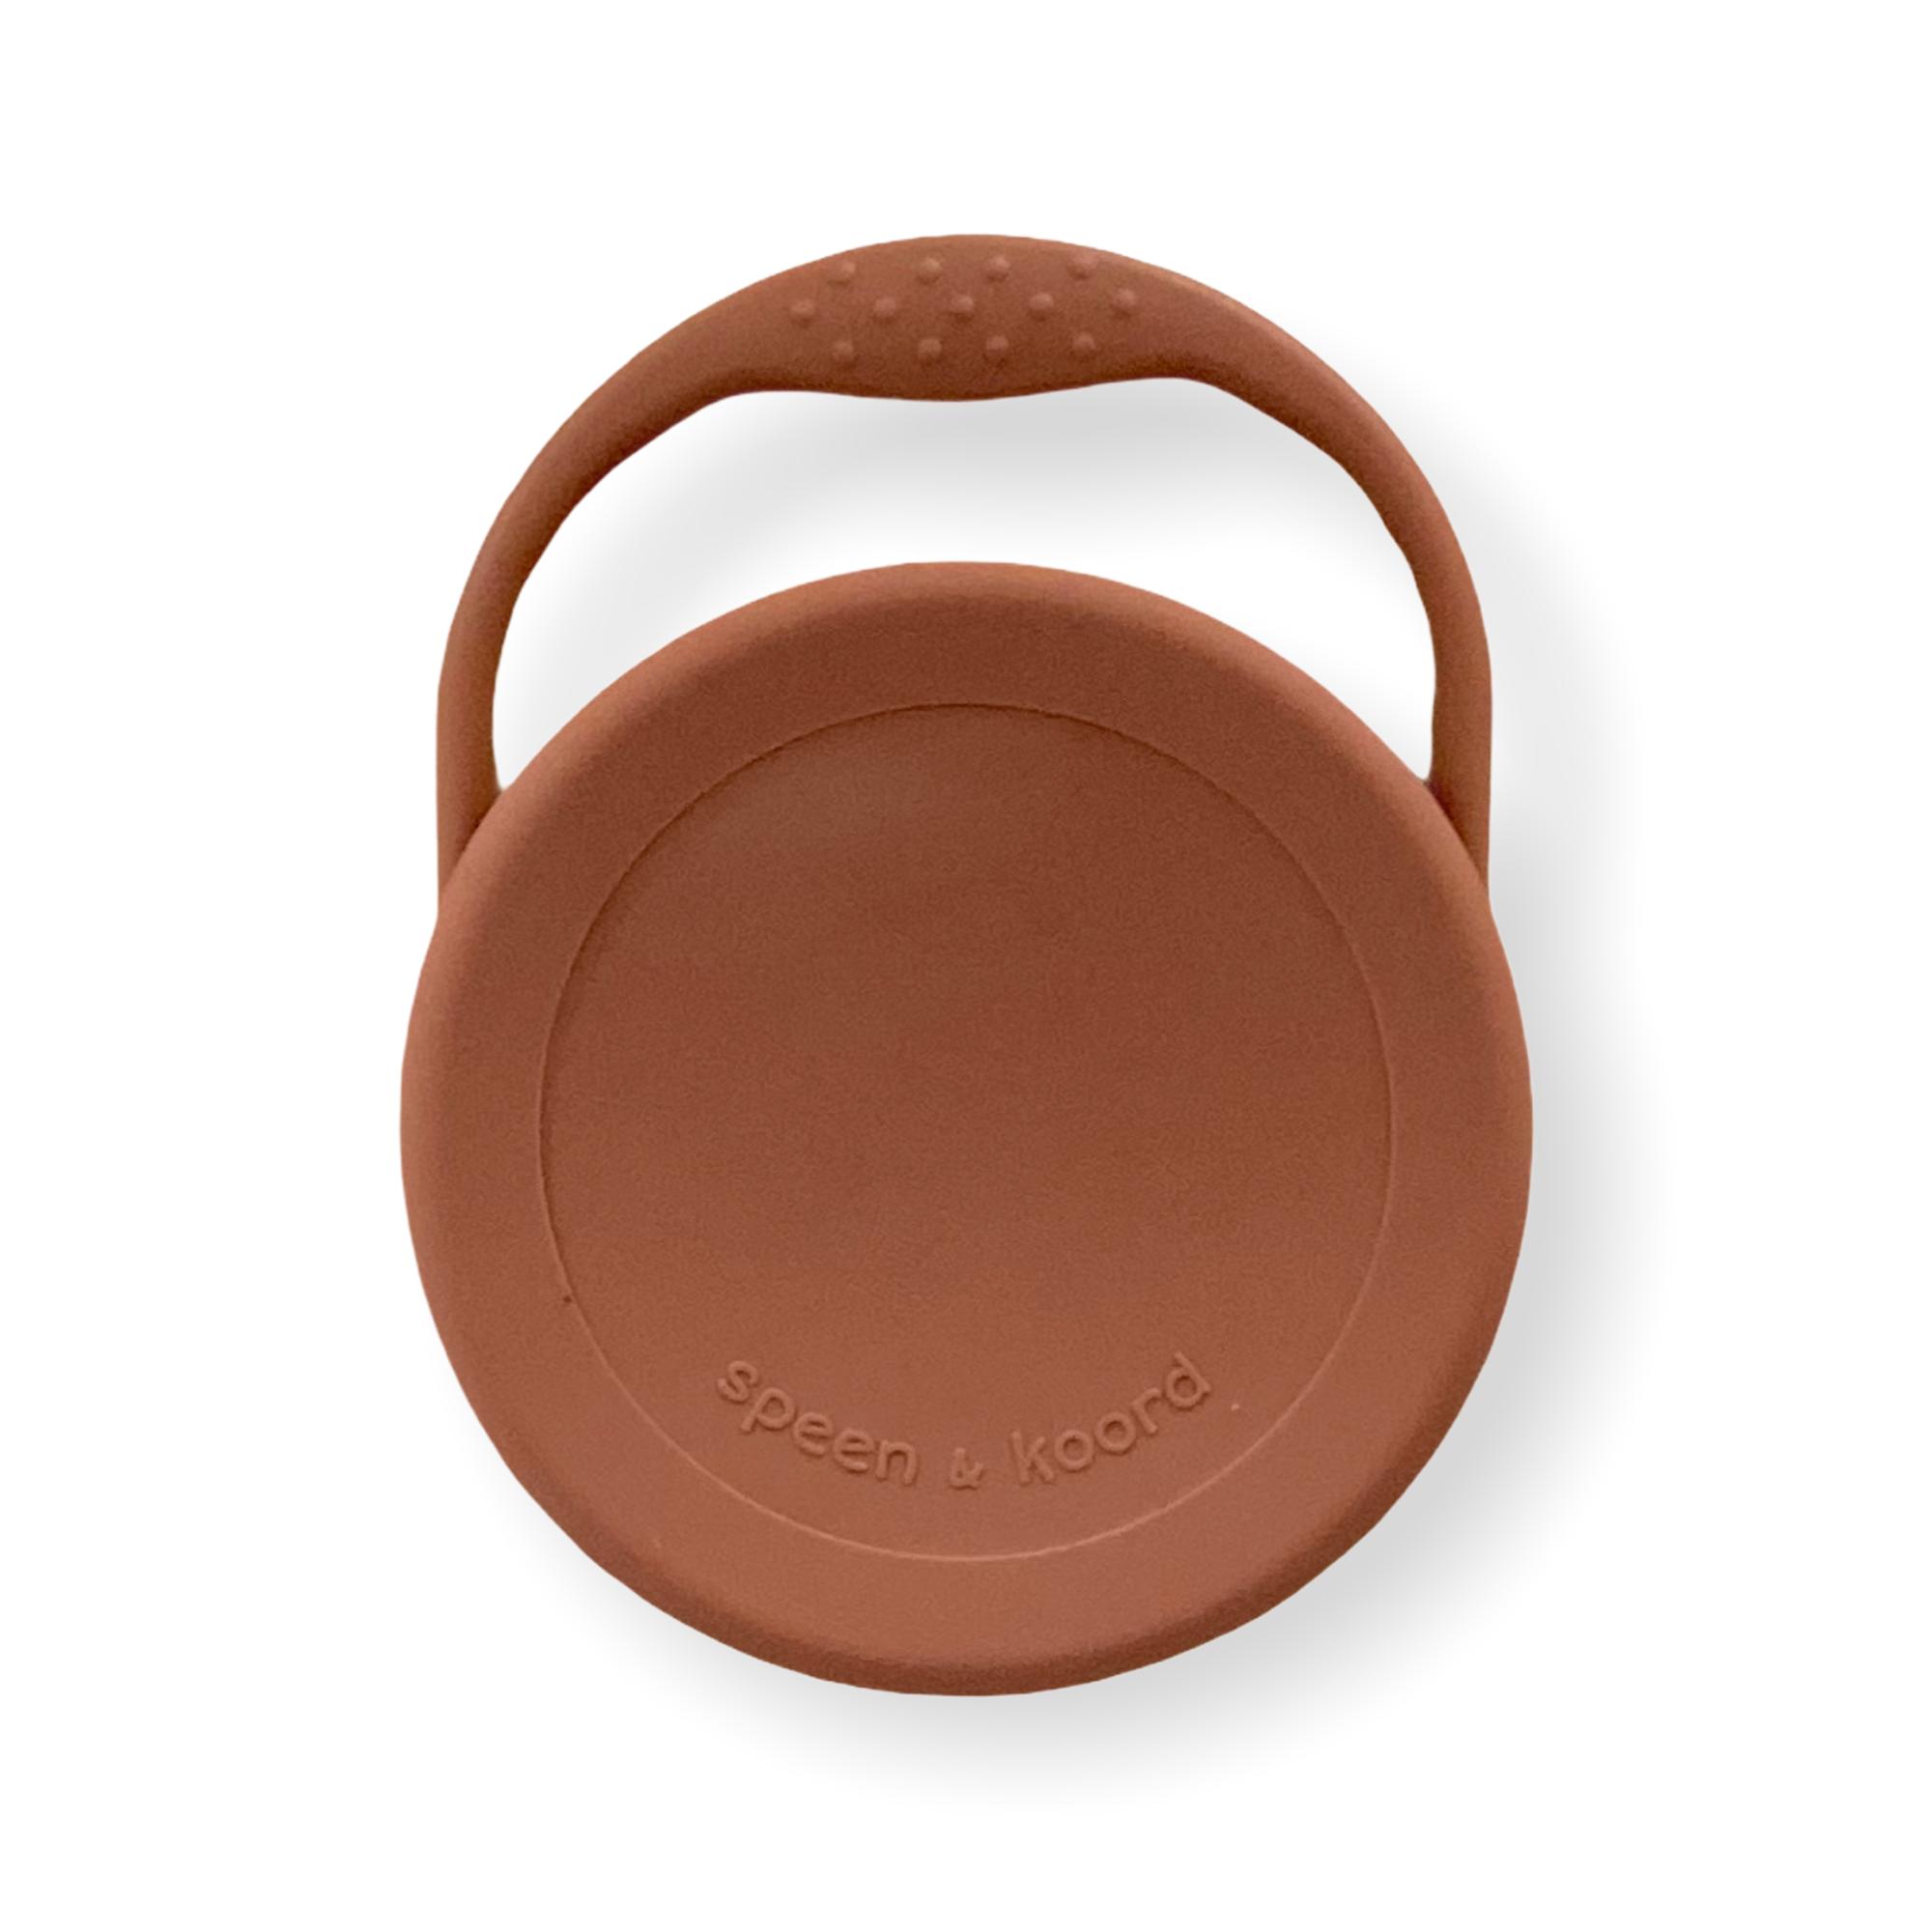 Afbeelding Speen & Koord Snack cups I Sandal